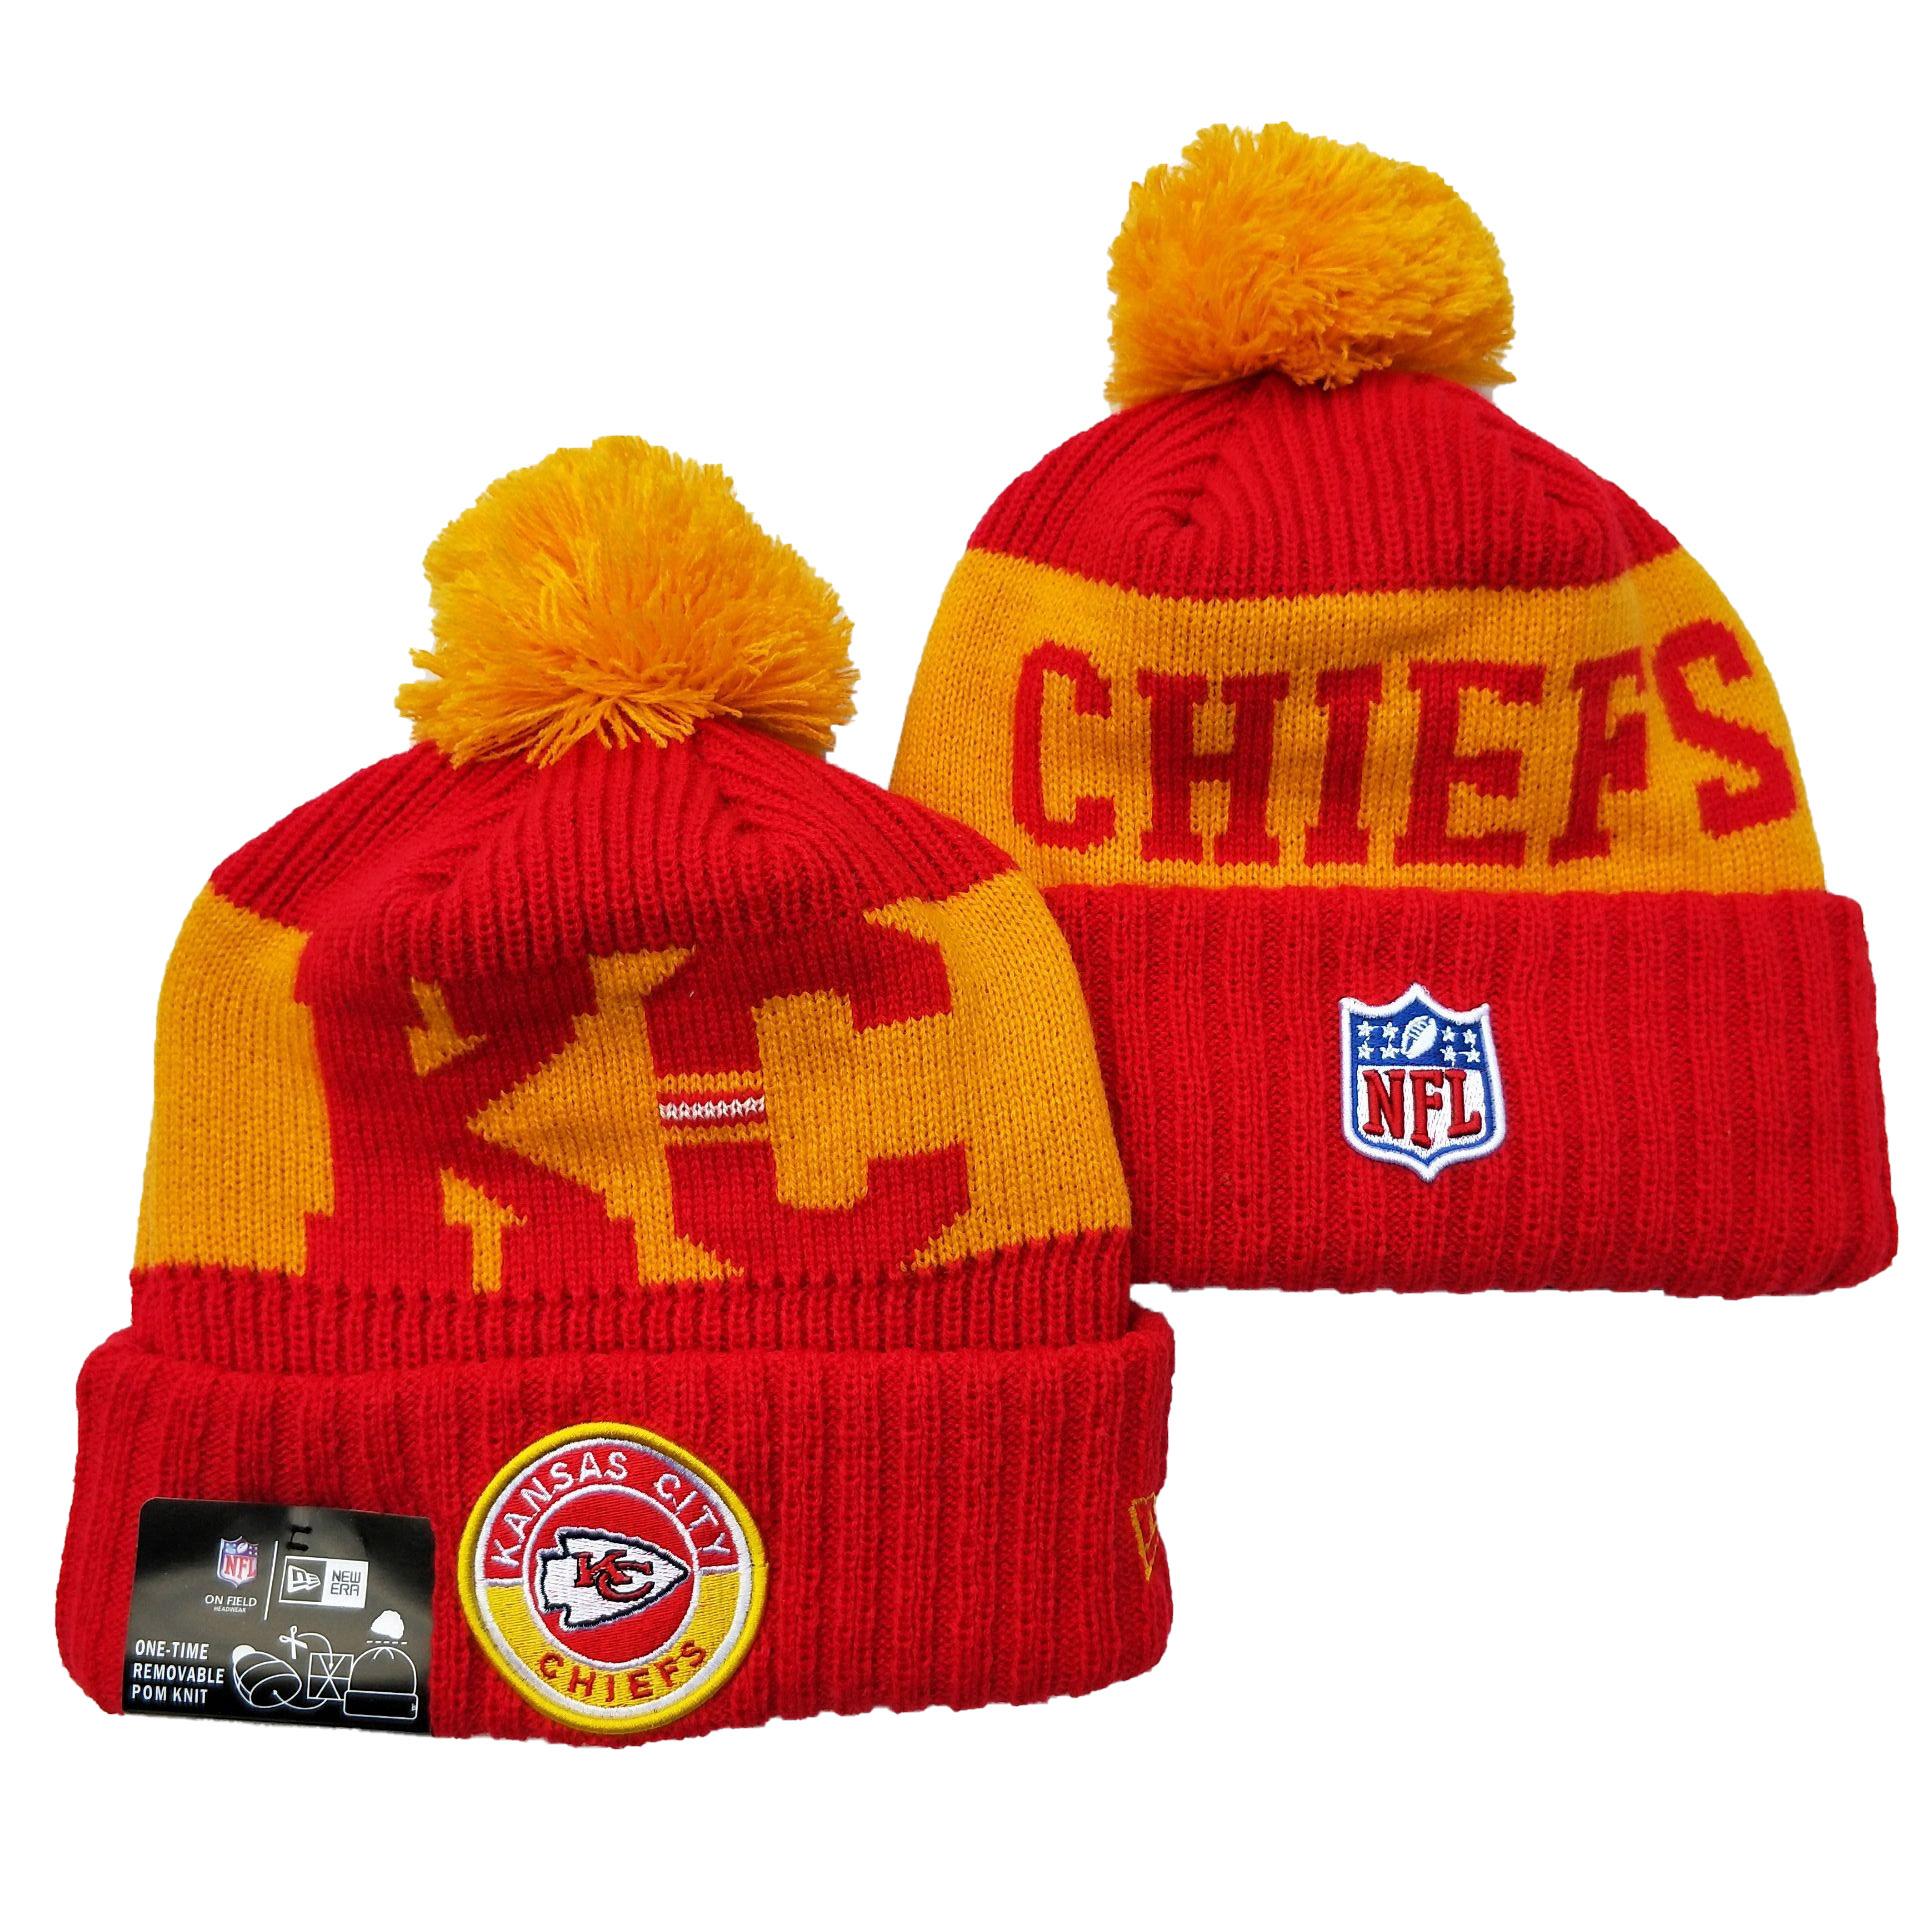 Chiefs Team Logo Red 2020 NFL Sideline Pom Cuffed Knit Hat YD